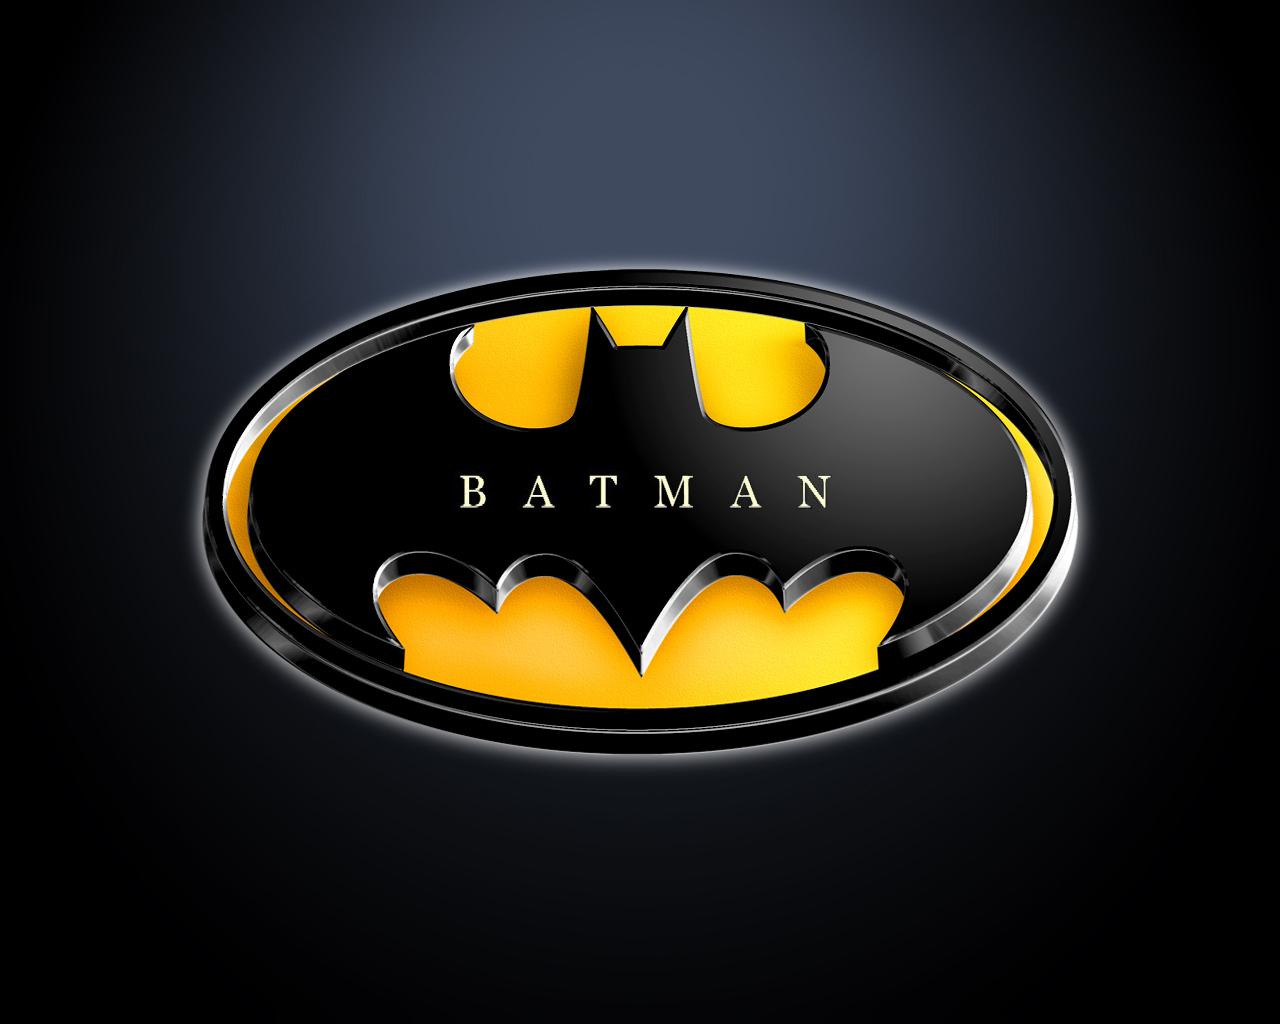 Batman-Logo-batman-9683803-1280-1024.jpg